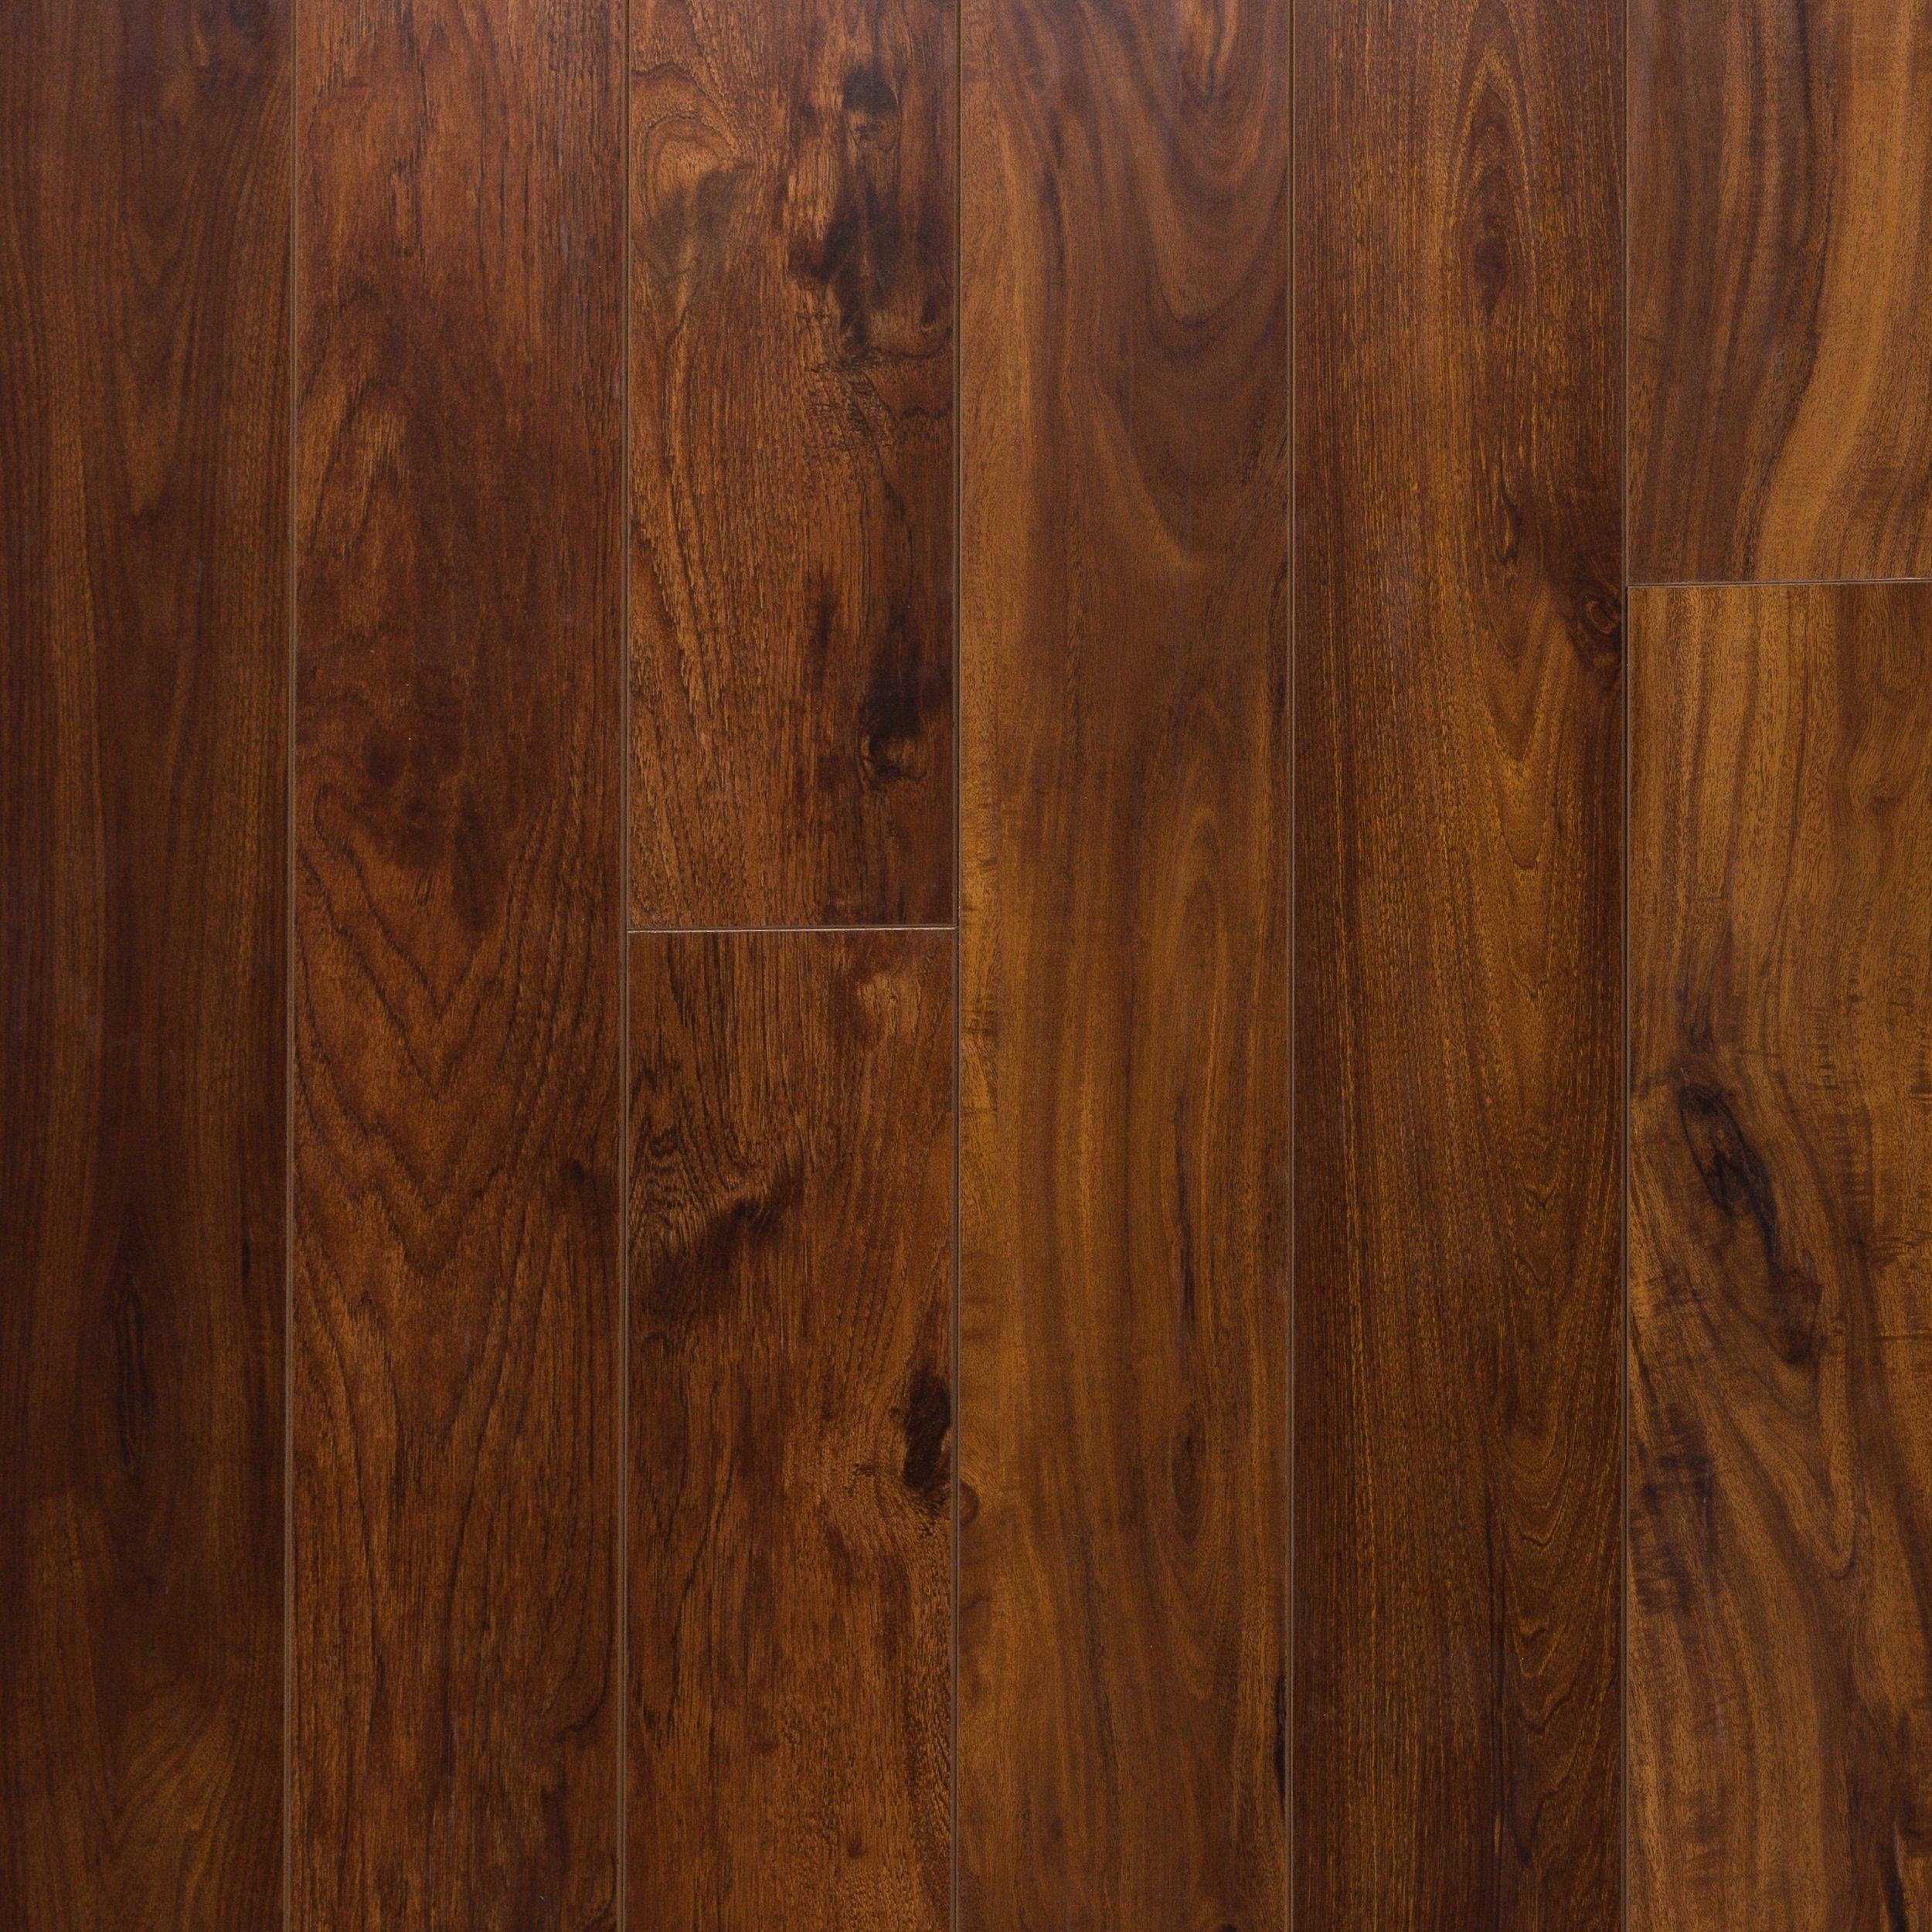 Rosewood Hand Scraped Water Resistant Laminate Flooring